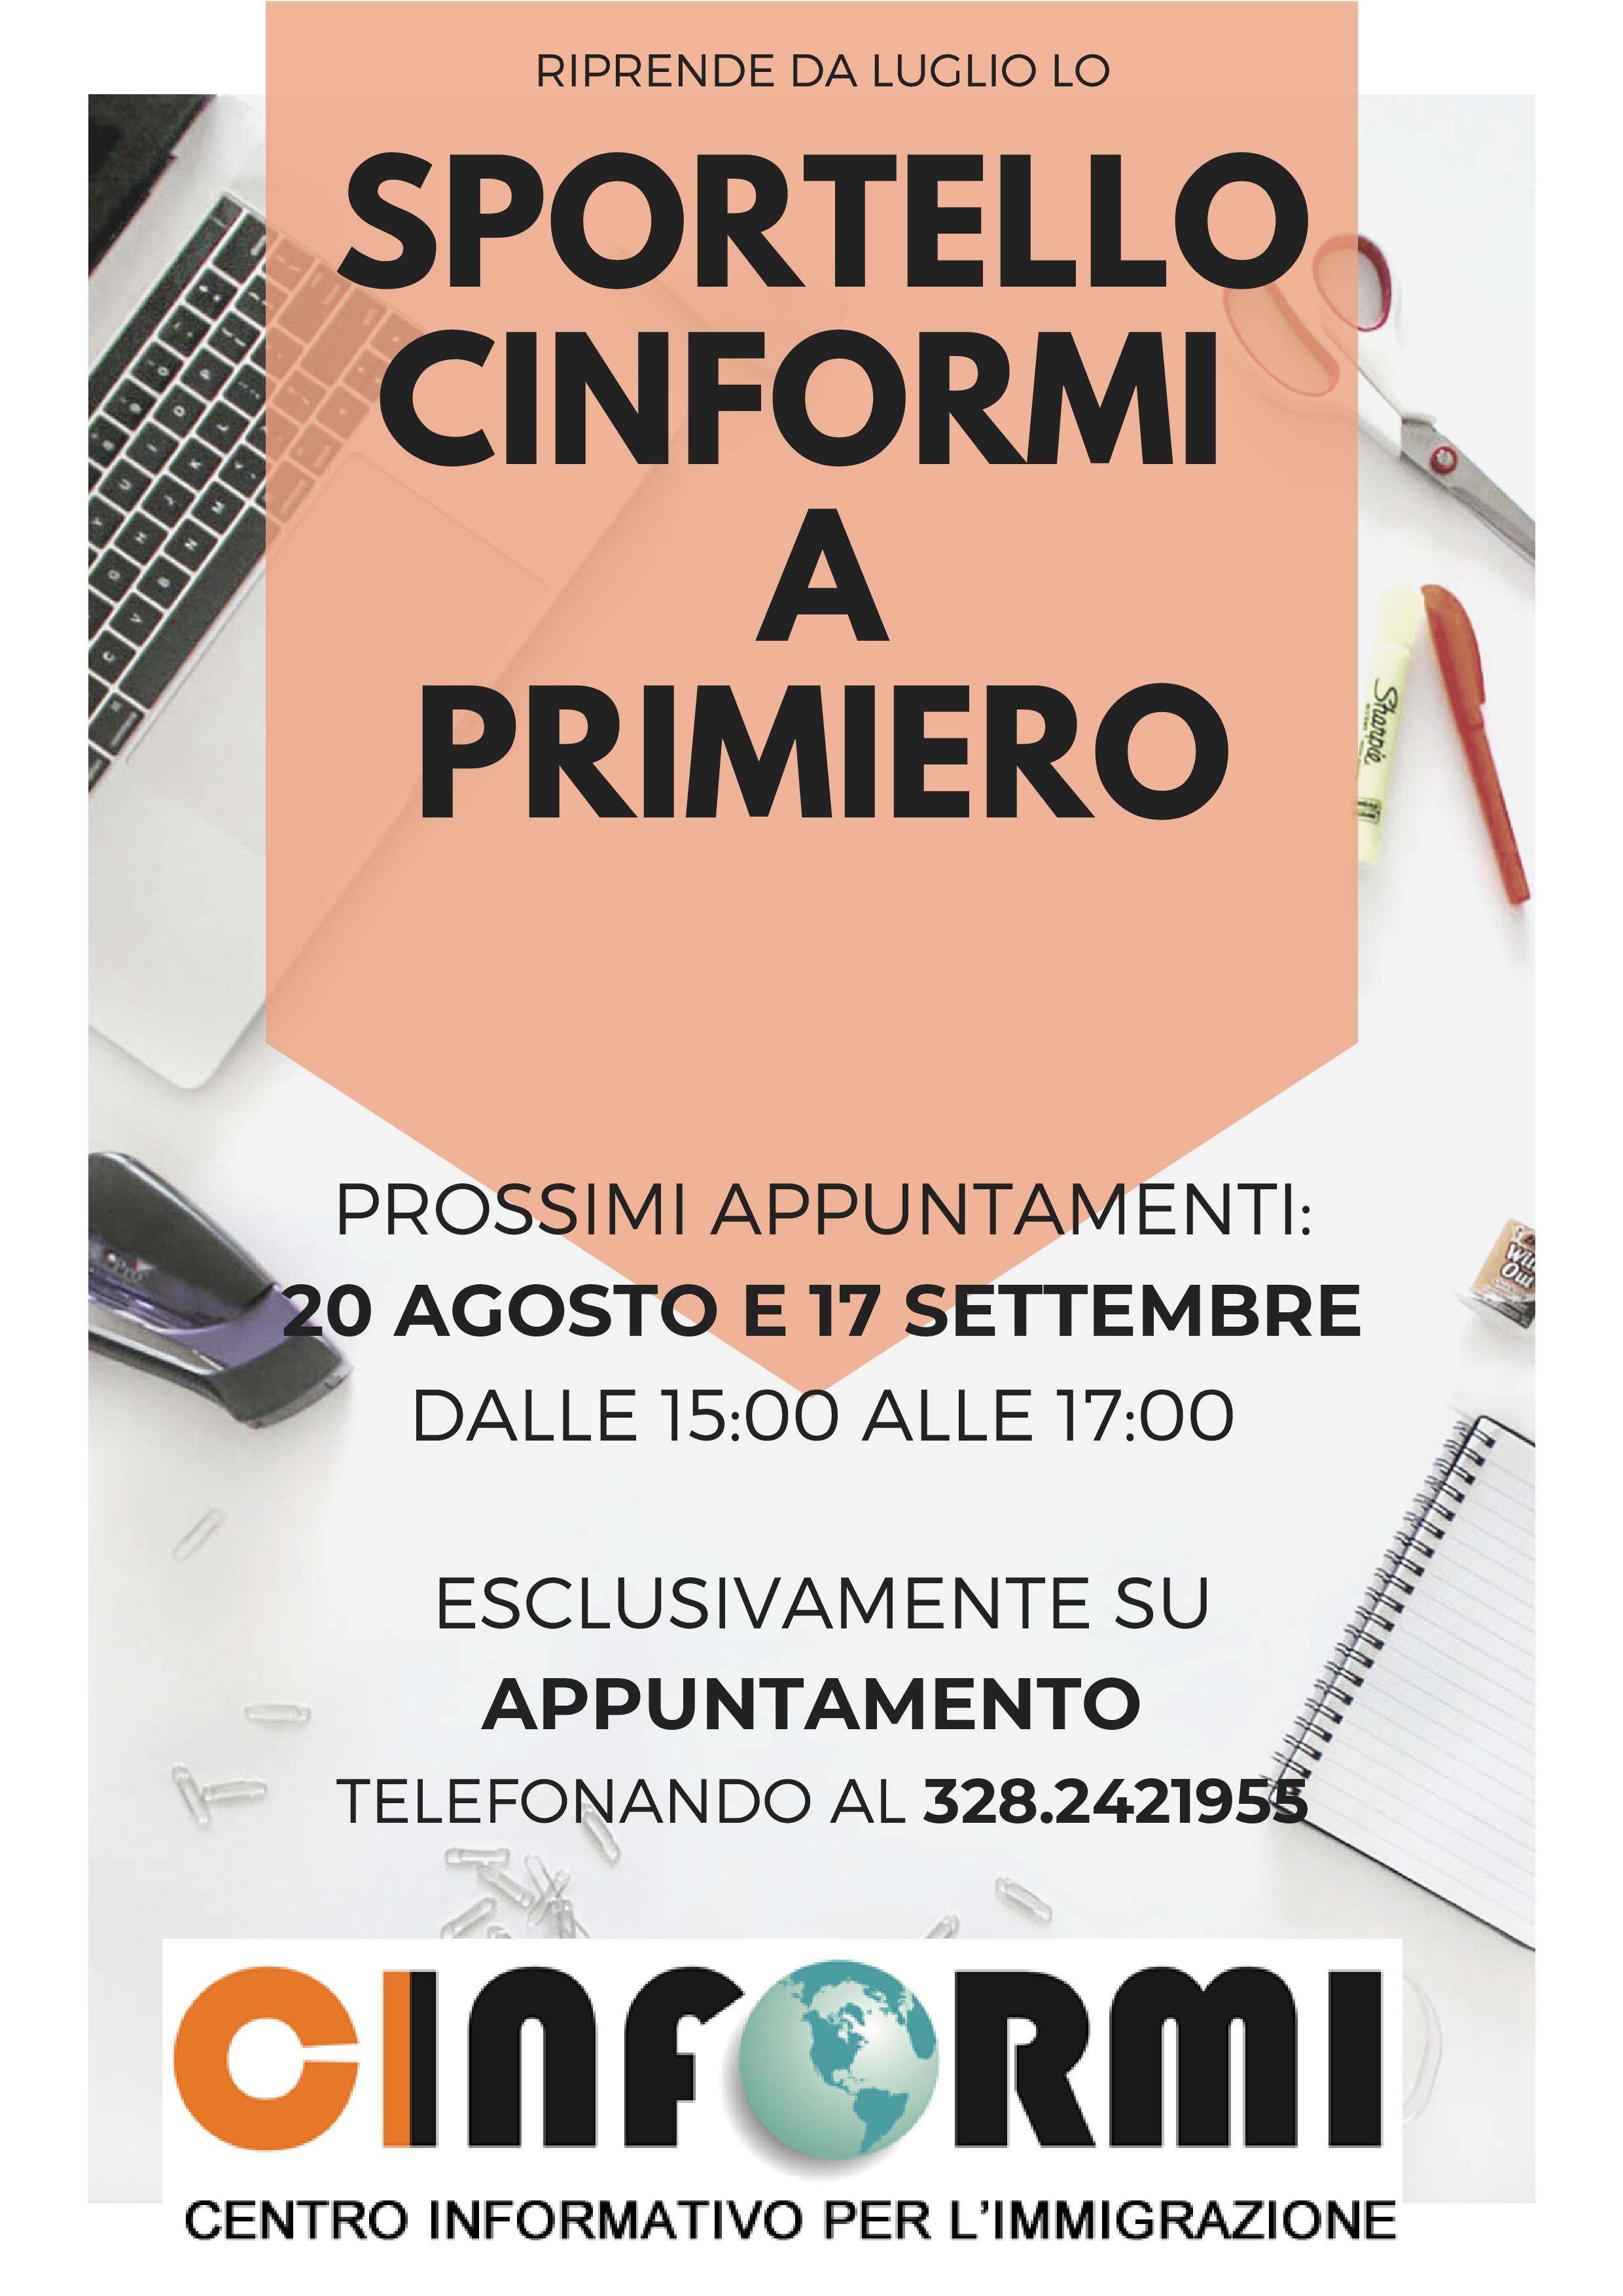 SPORTELLO CINFORMI A PRIMIERO_agosto settembre